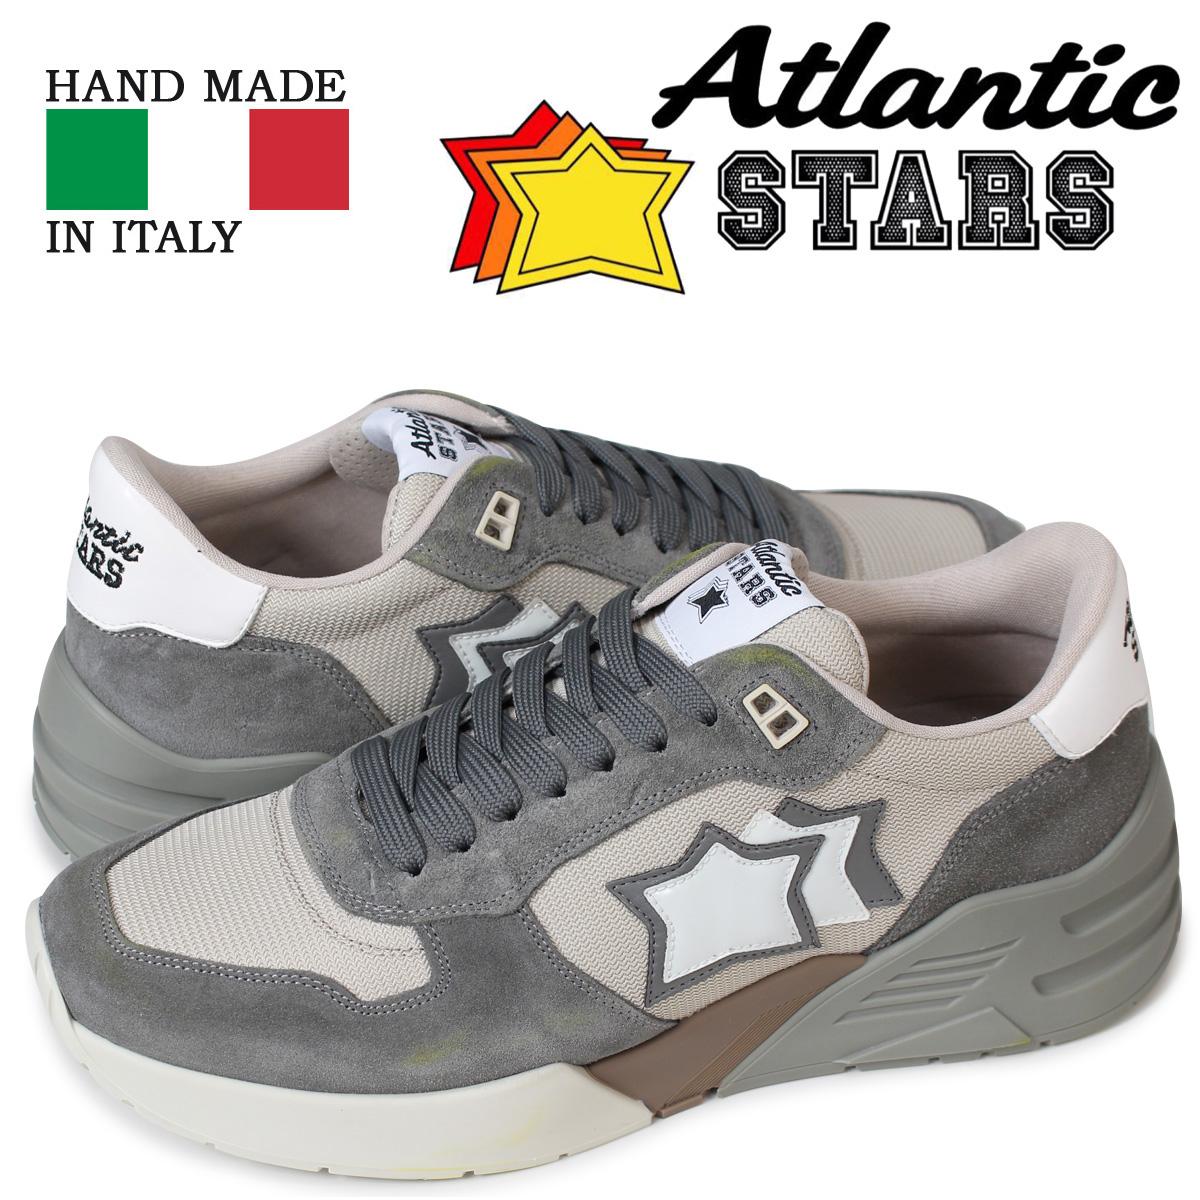 アトランティックスターズ メンズ スニーカー Atlantic STARS マーズ MARS GA-SN09 グレー 【決算セール 返品不可】